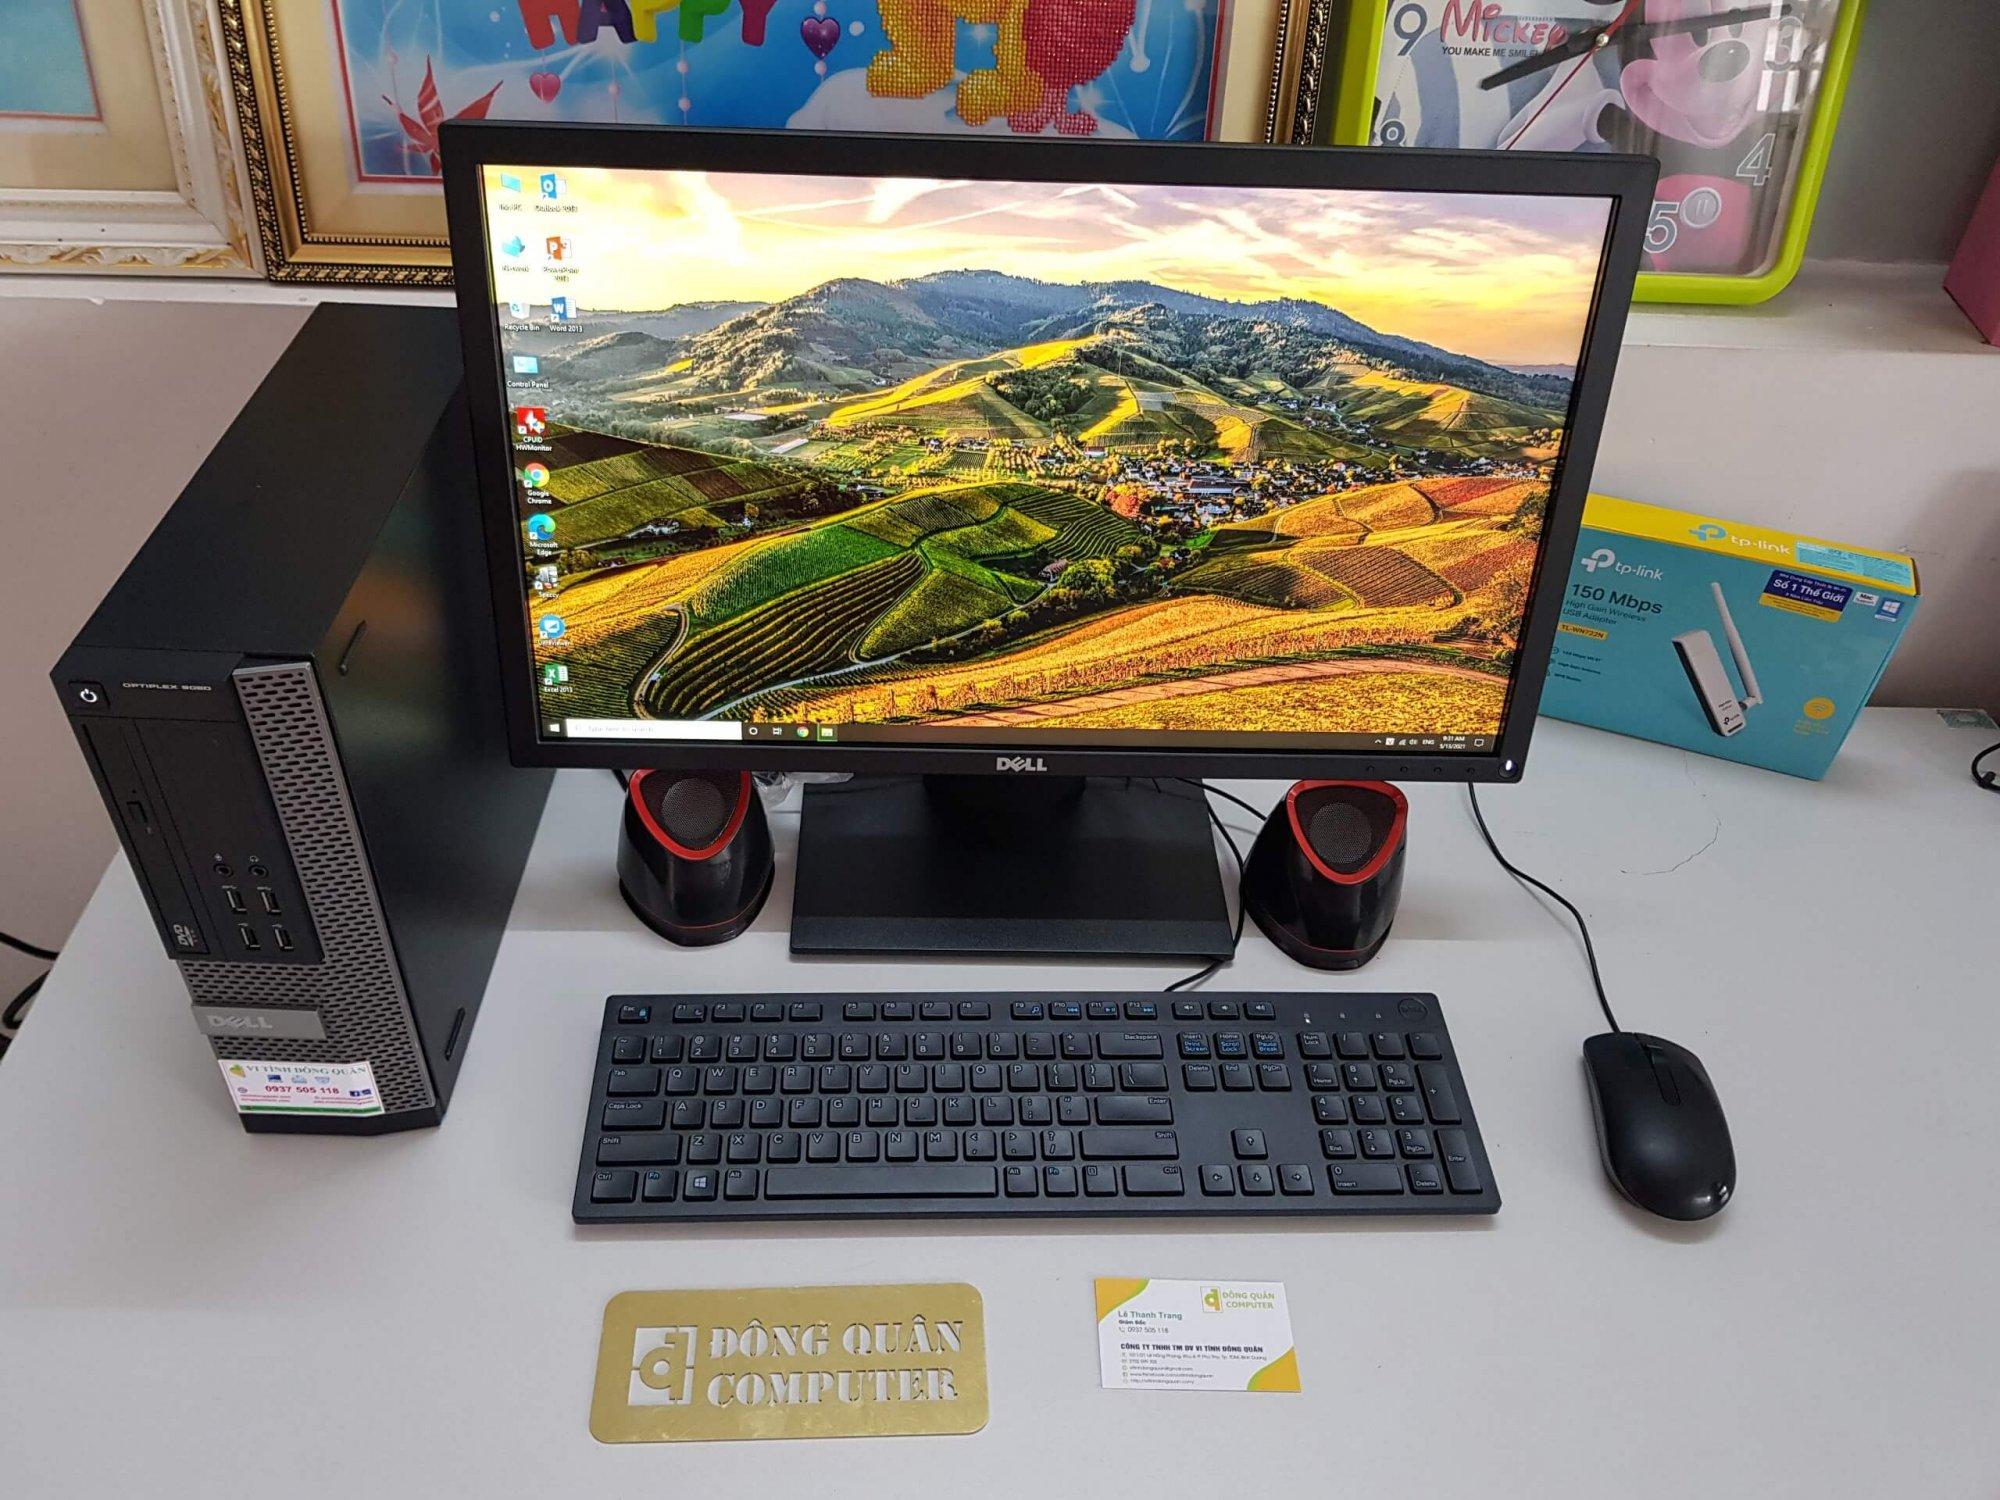 Máy bộ Dell 9020 Core i7 4770/ Ram16GB/ HDD500GB + SSD120GB/ Chuột + Phím/ Màn hình 23inch